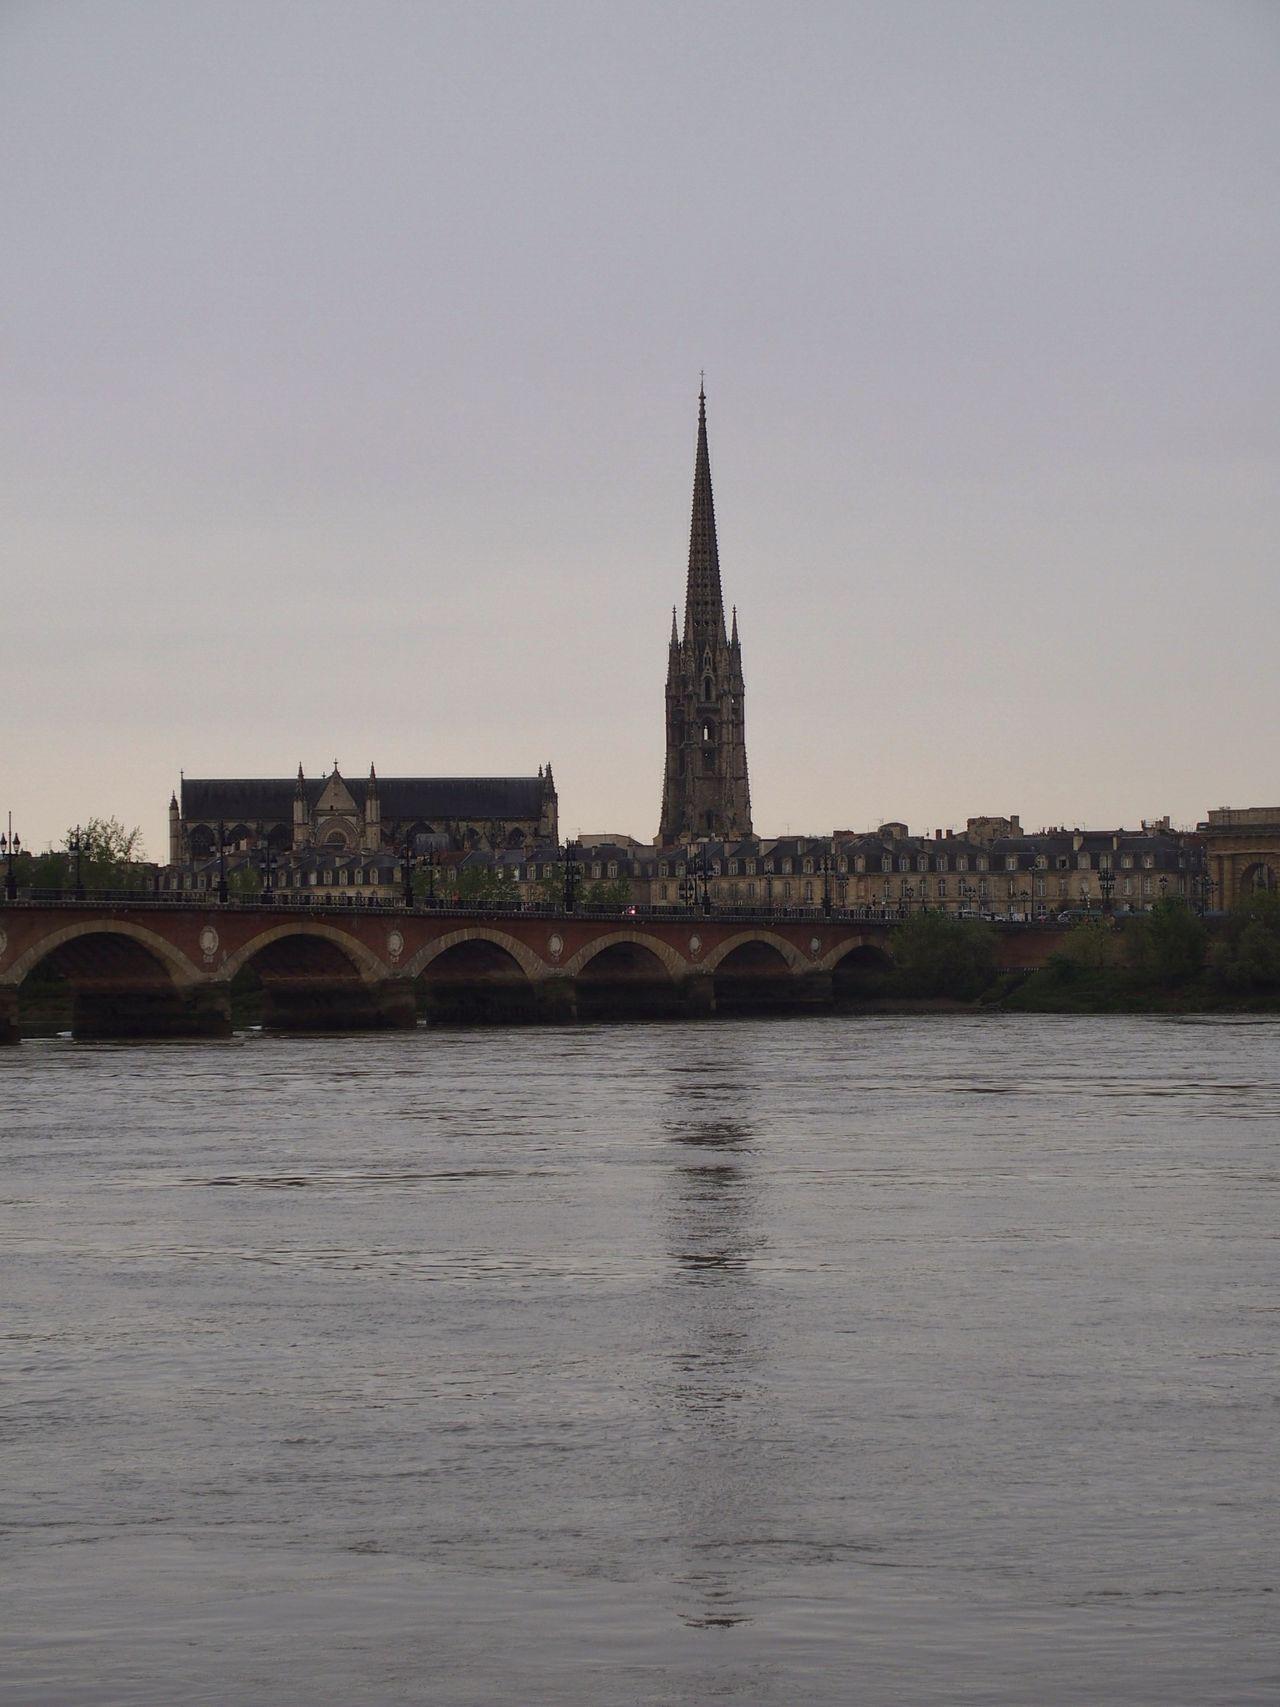 Architecture Architecture_collection Bordeauxtourism Bridge Bridge View Church Old Town Reflection